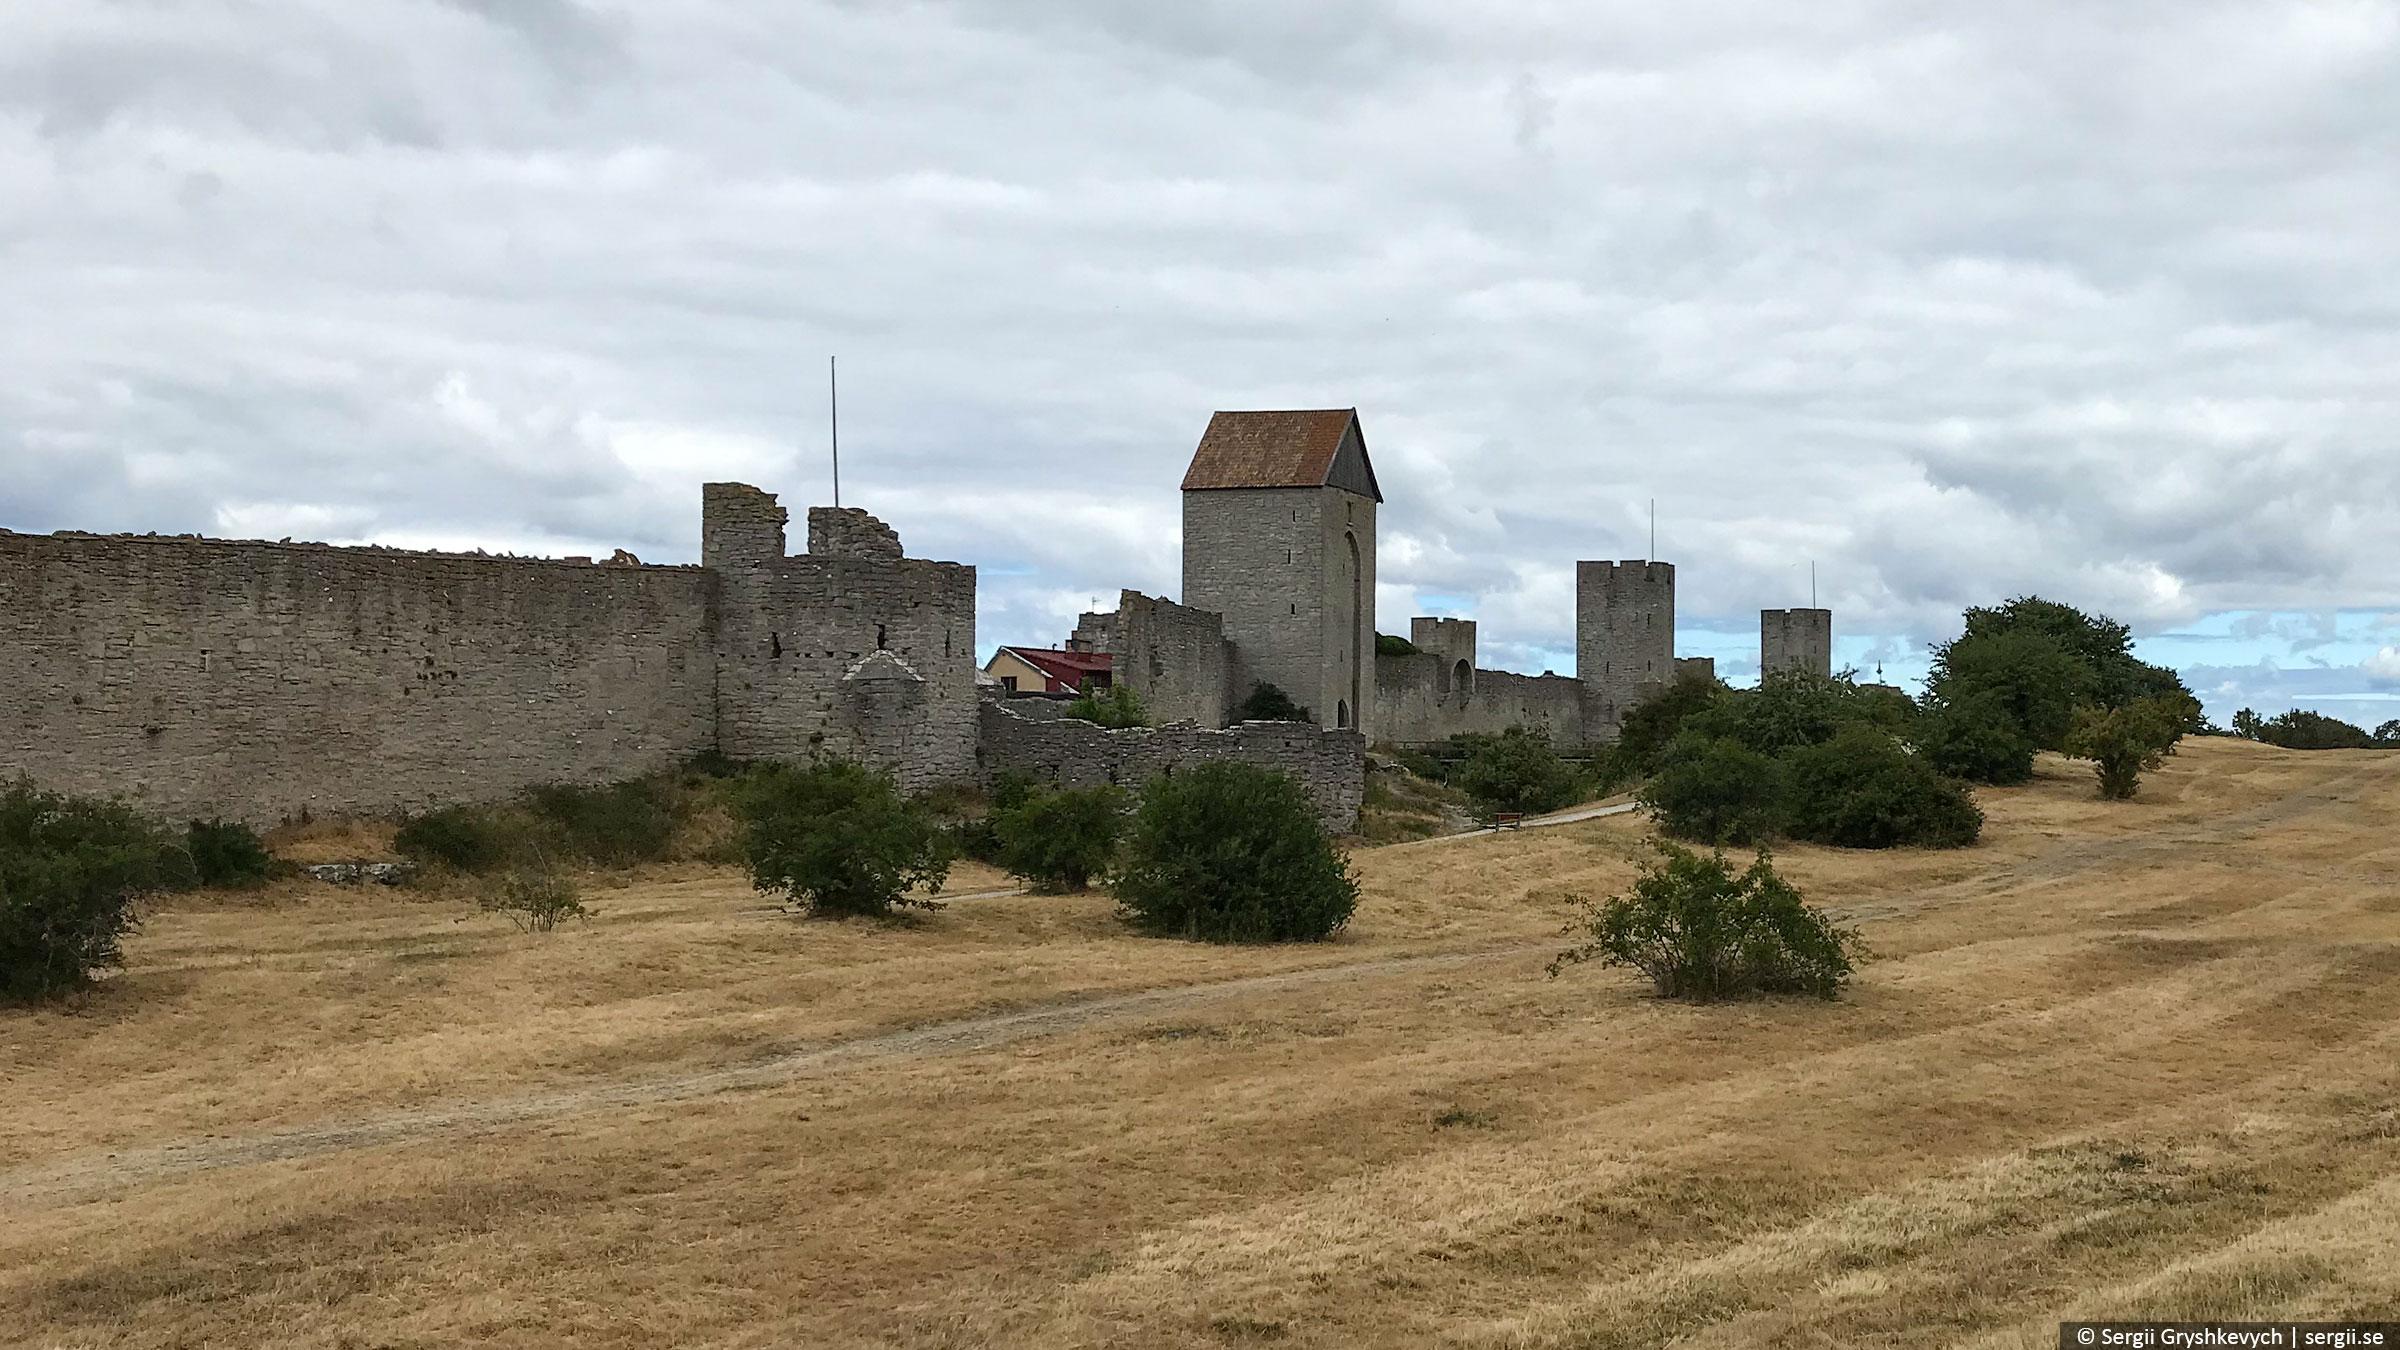 gotland-visby-sweden-2018-28